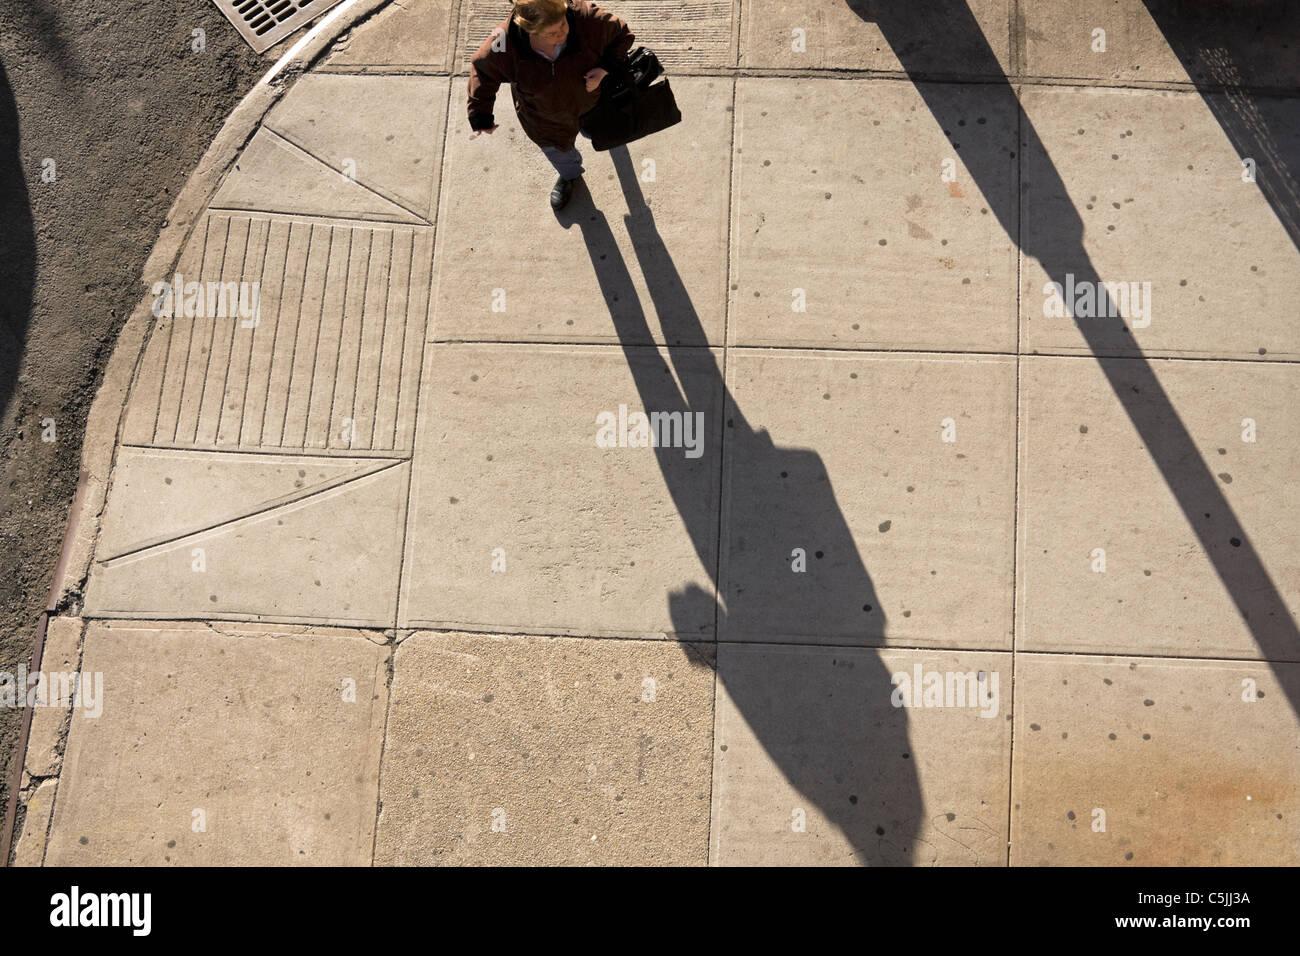 Eine Frau in New York City wirft einen langen Schatten am späten Nachmittag. Stockbild